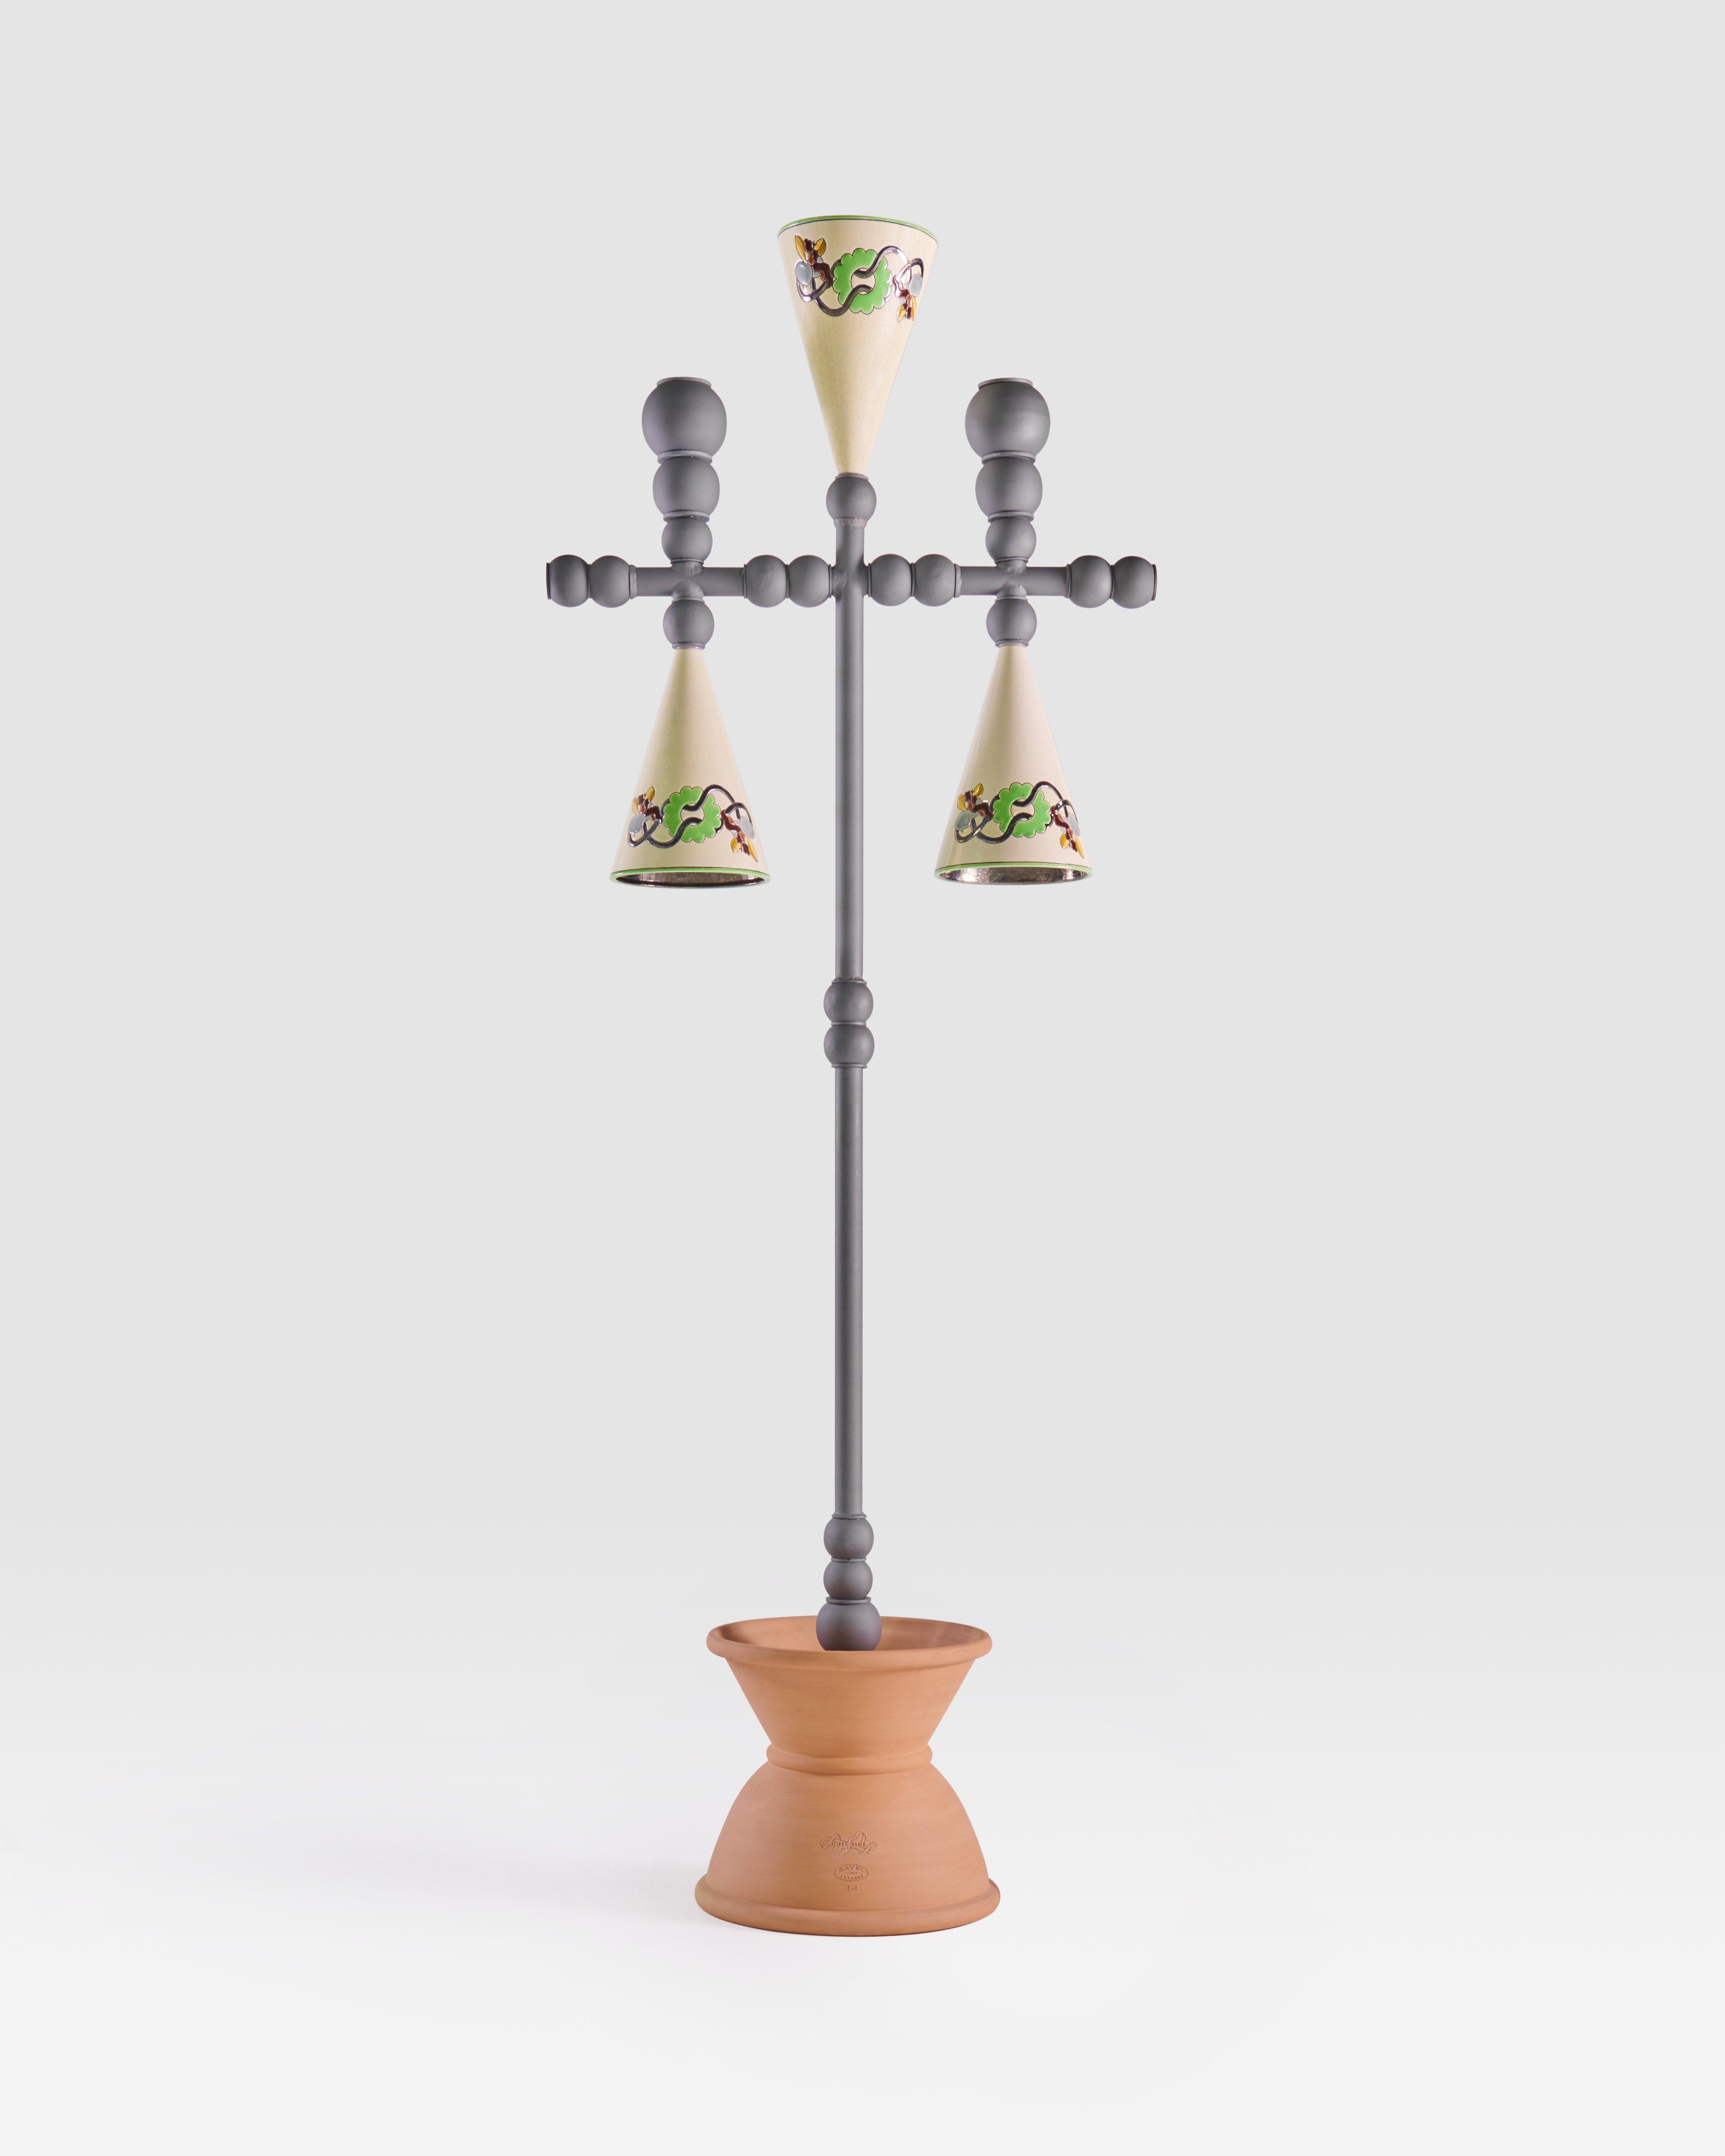 Pierre Marie présente Olu Nelum, une exposition d'objets qui a lieu au sein de sa galerie.